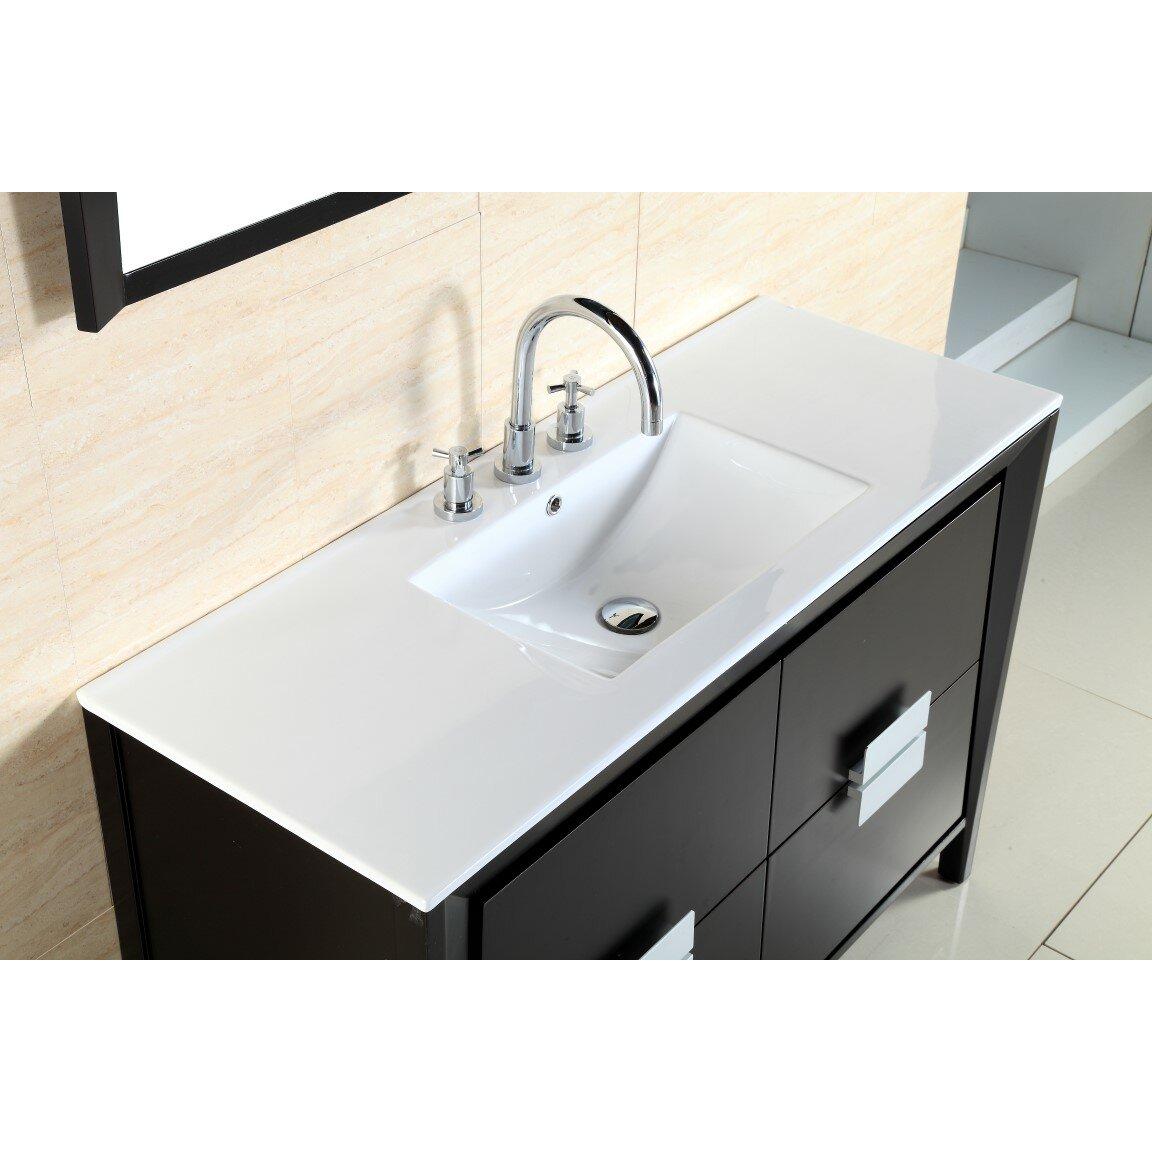 Bellaterra Home 48 Single Sink Vanity Set